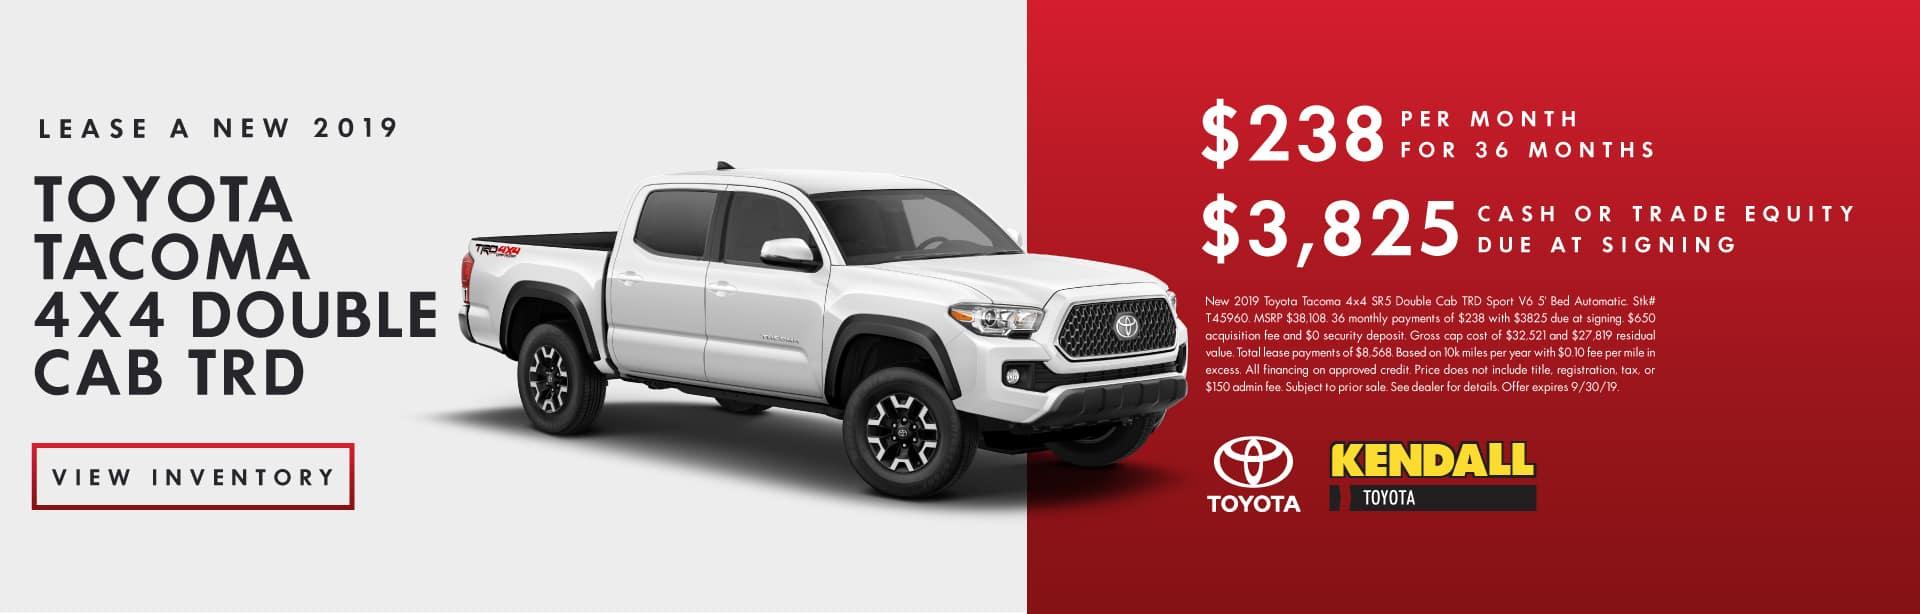 Used Cars Eugene Oregon >> Kendall Toyota Of Eugene New Toyota And Used Car Dealership